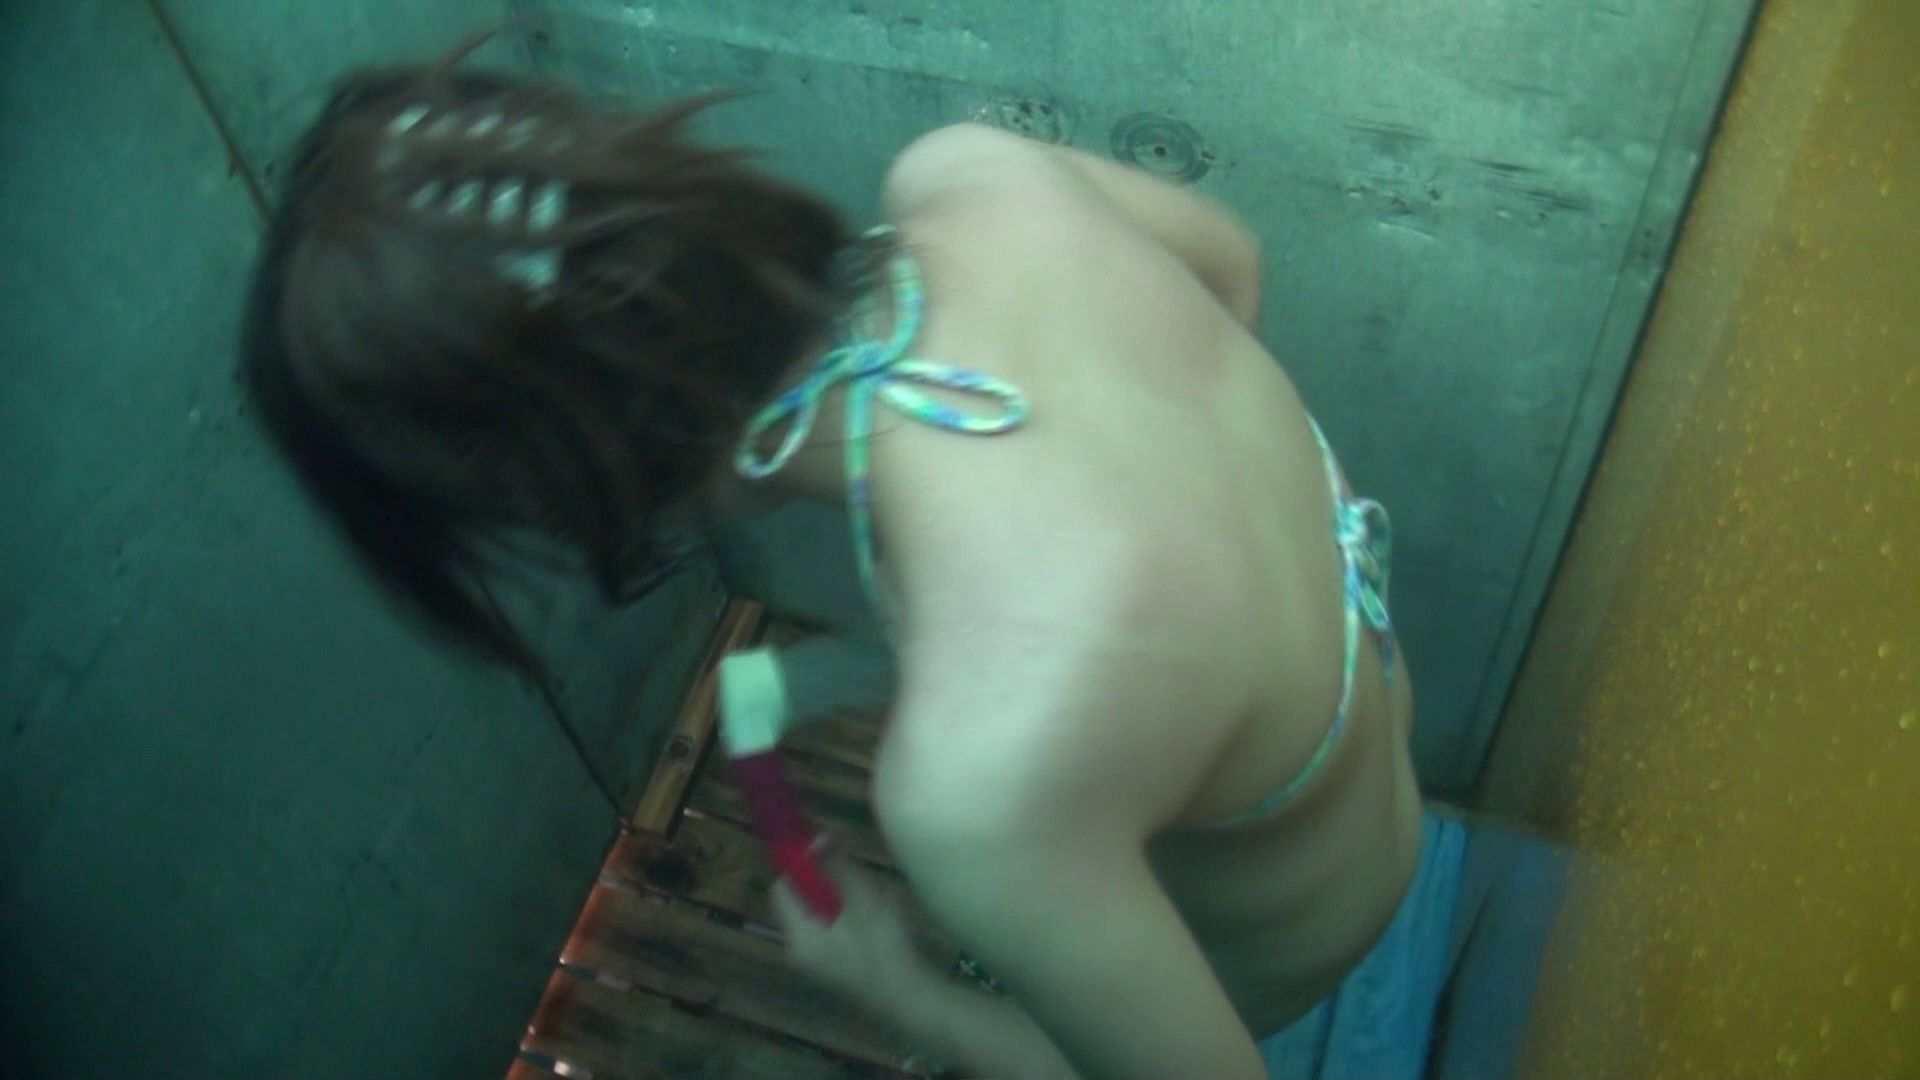 シャワールームは超!!危険な香りVol.15 残念ですが乳首未確認 マンコの砂は入念に 高画質 盗撮アダルト動画キャプチャ 51画像 29